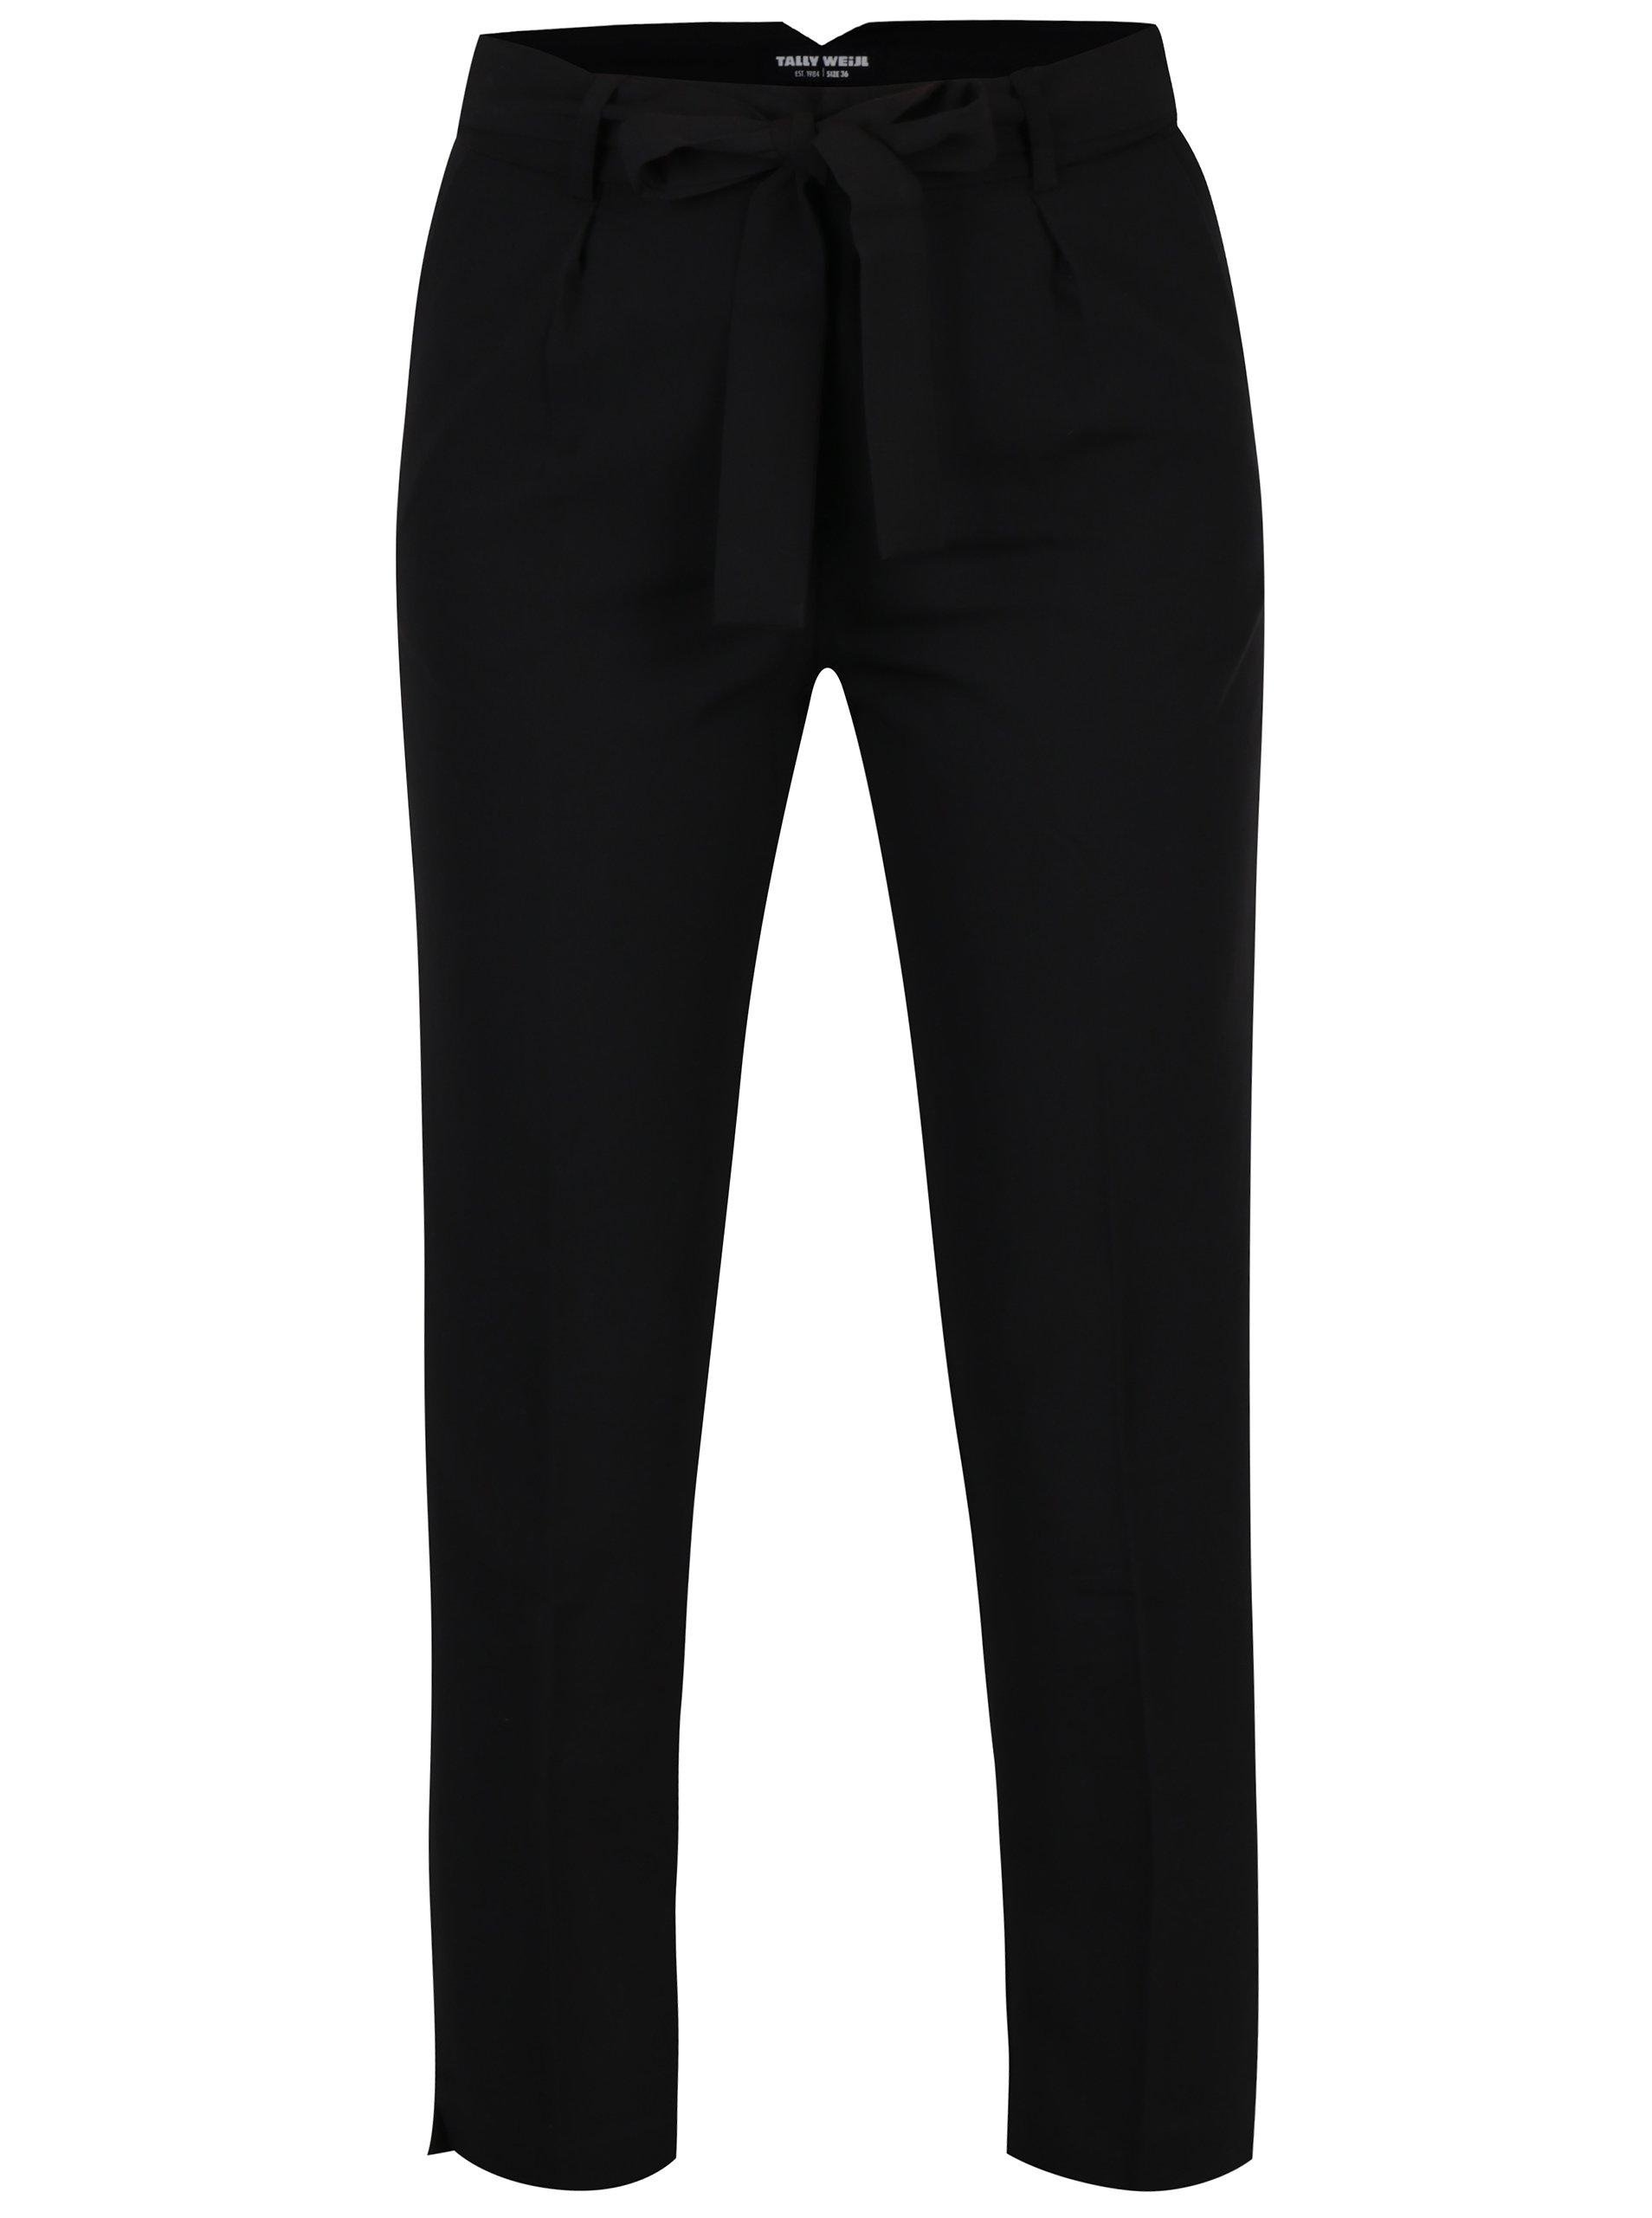 Černé kalhoty s puky a vysokým pasem TALLY WEiJL